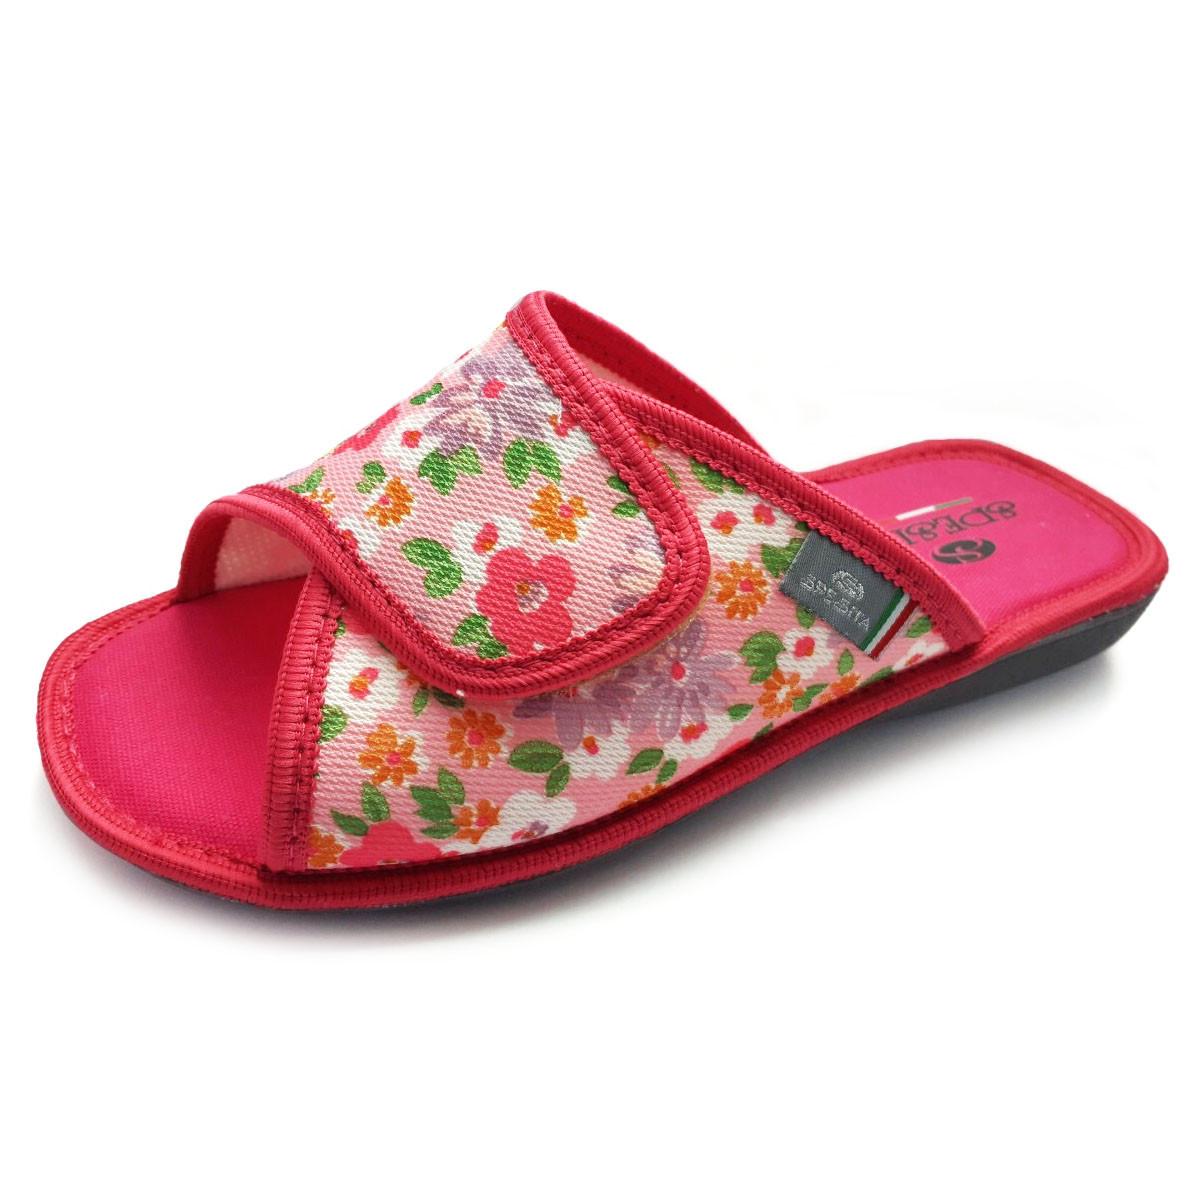 330d8804afdf3 Женские тапочки с открытым носком, регулируемый верх на липучке, малинового  цвета фуксия, размеры 36-41